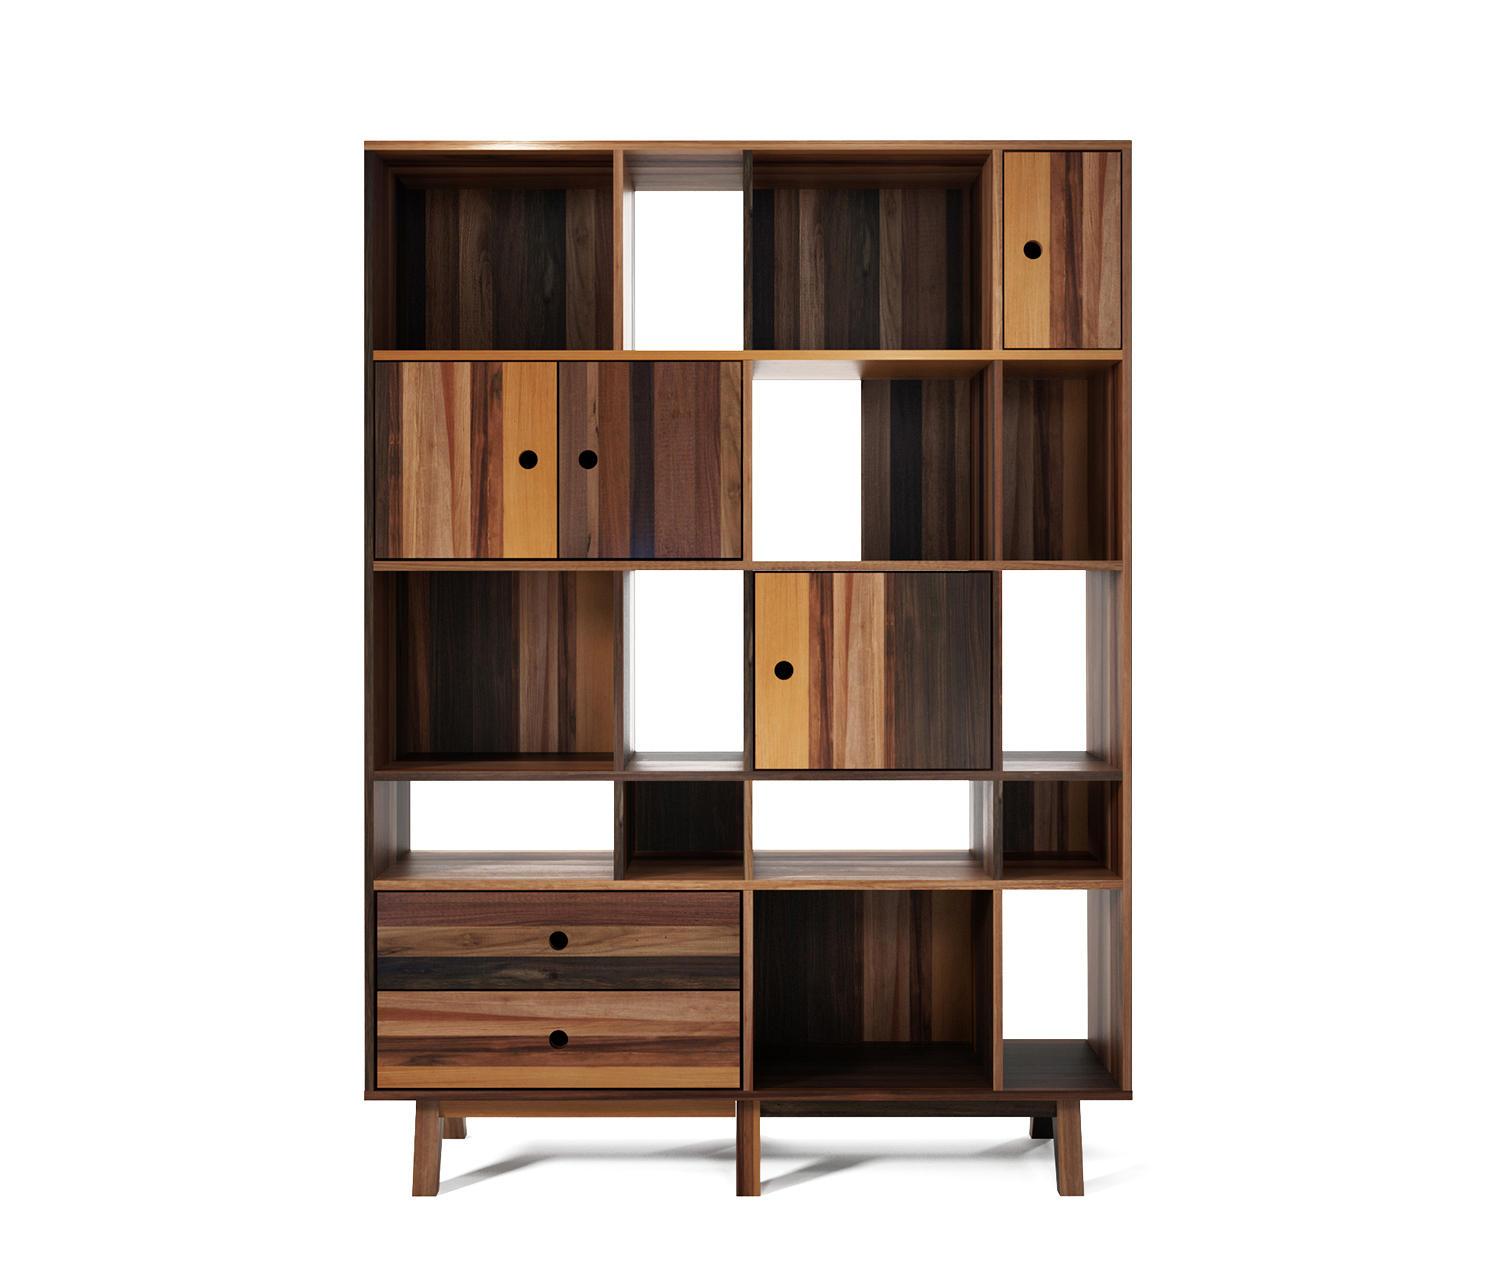 Купить стеллаж книжный franklin h161 от дизайнеров teakhouse.